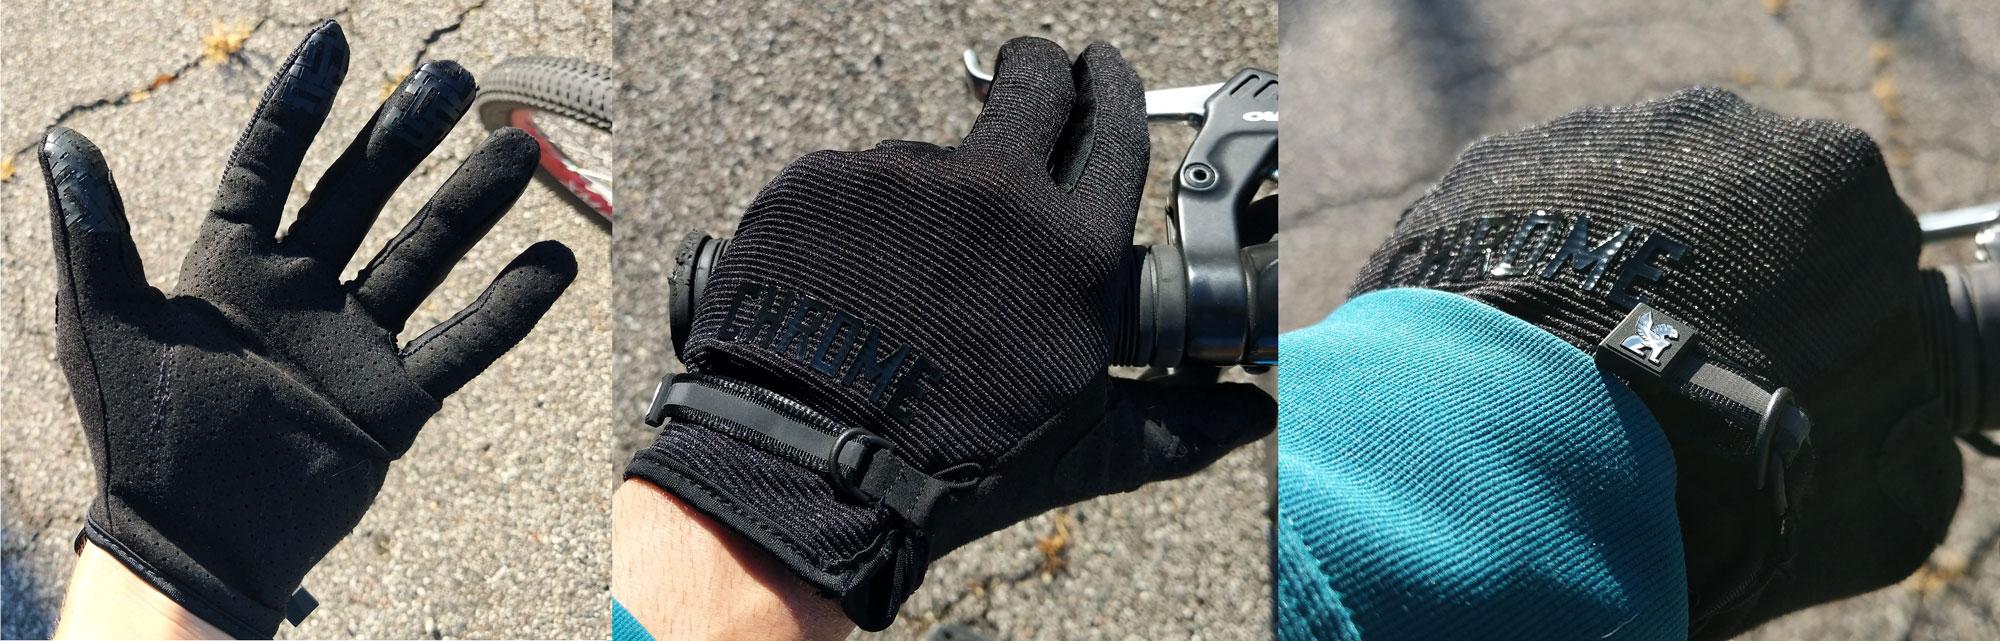 chrome-gloves